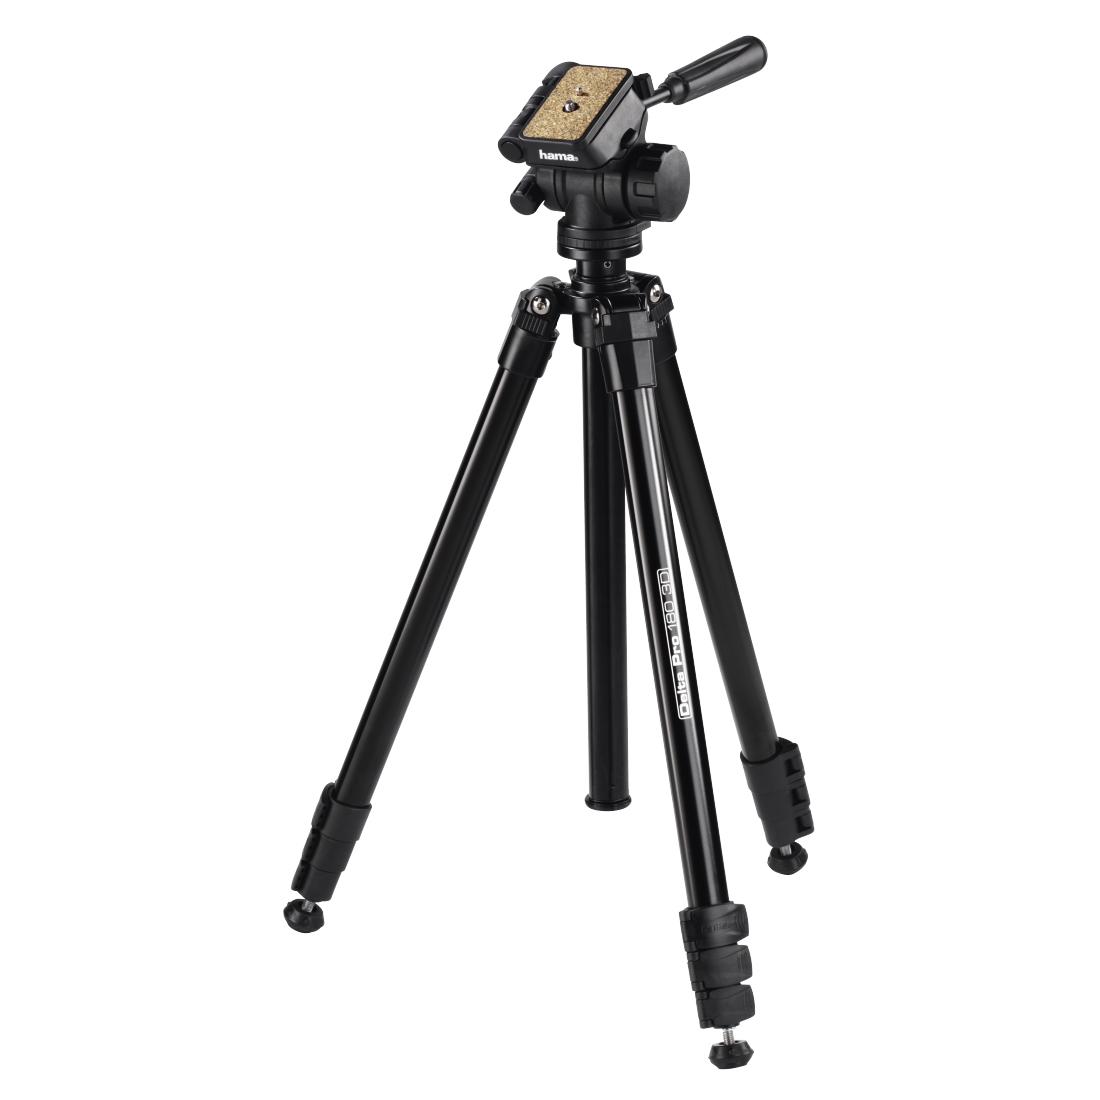 штатив для фотоаппарата никон балок, служит основанием